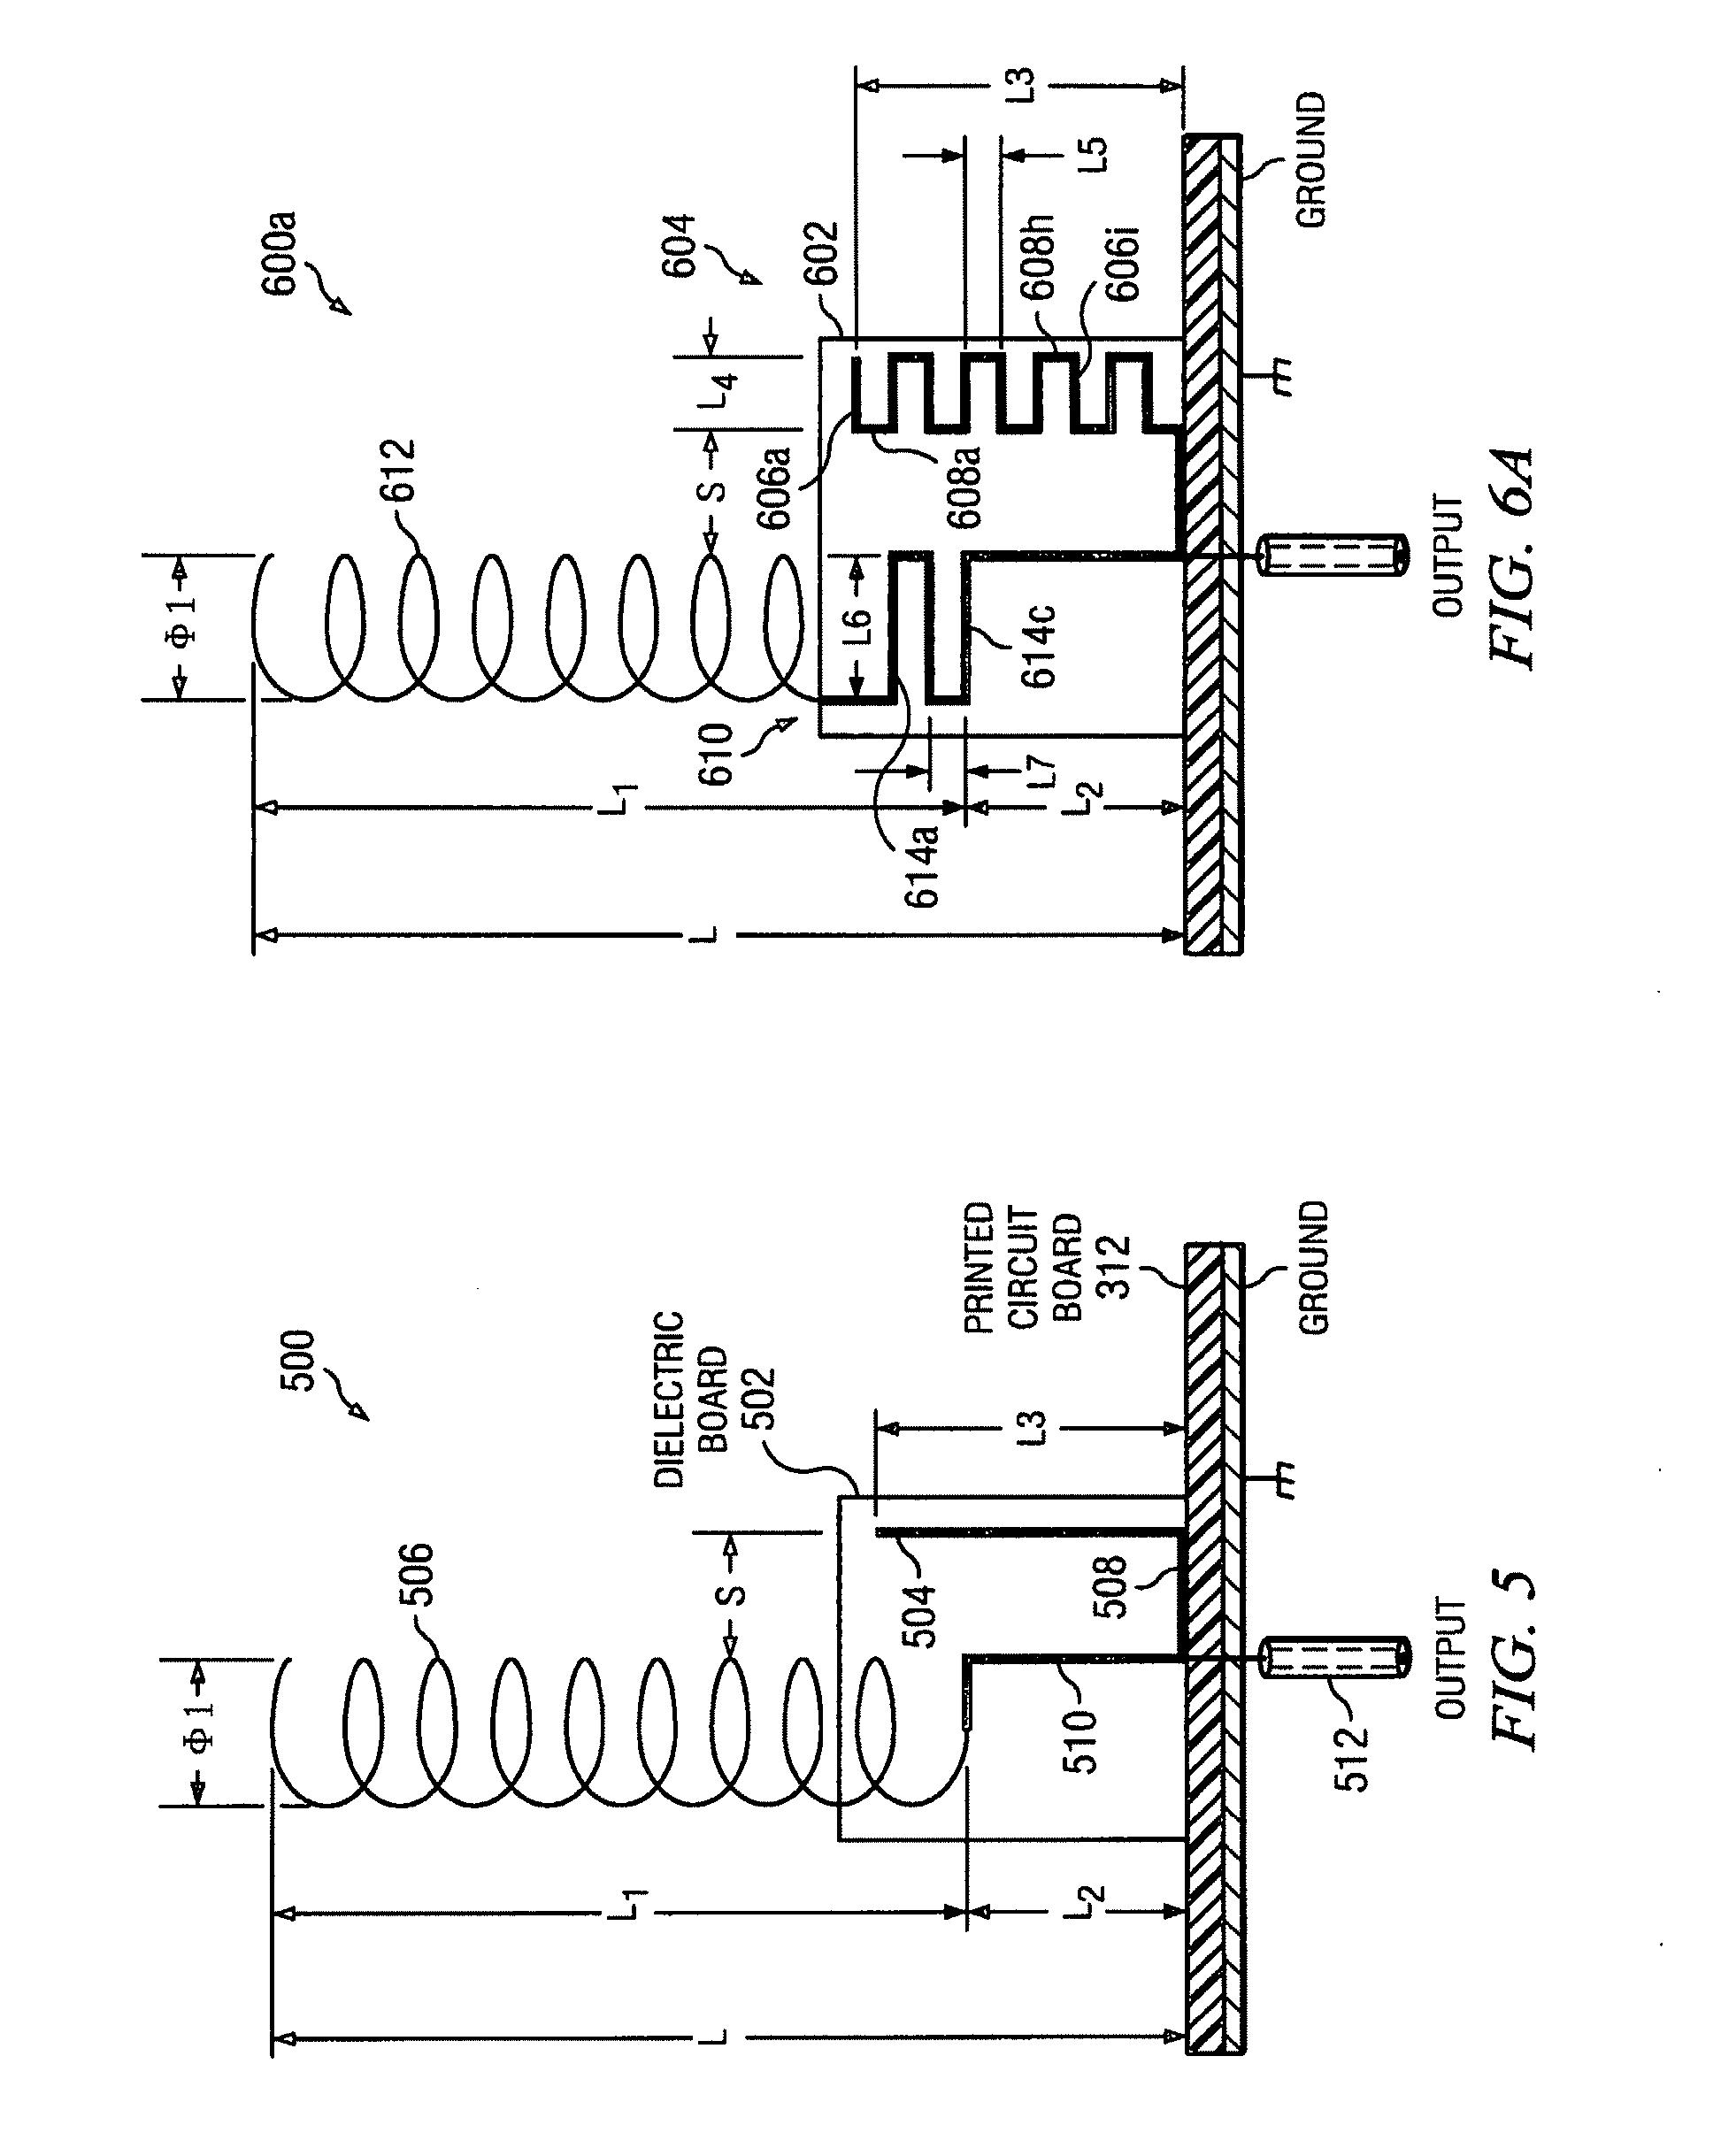 Garage door opener circuit : ECE